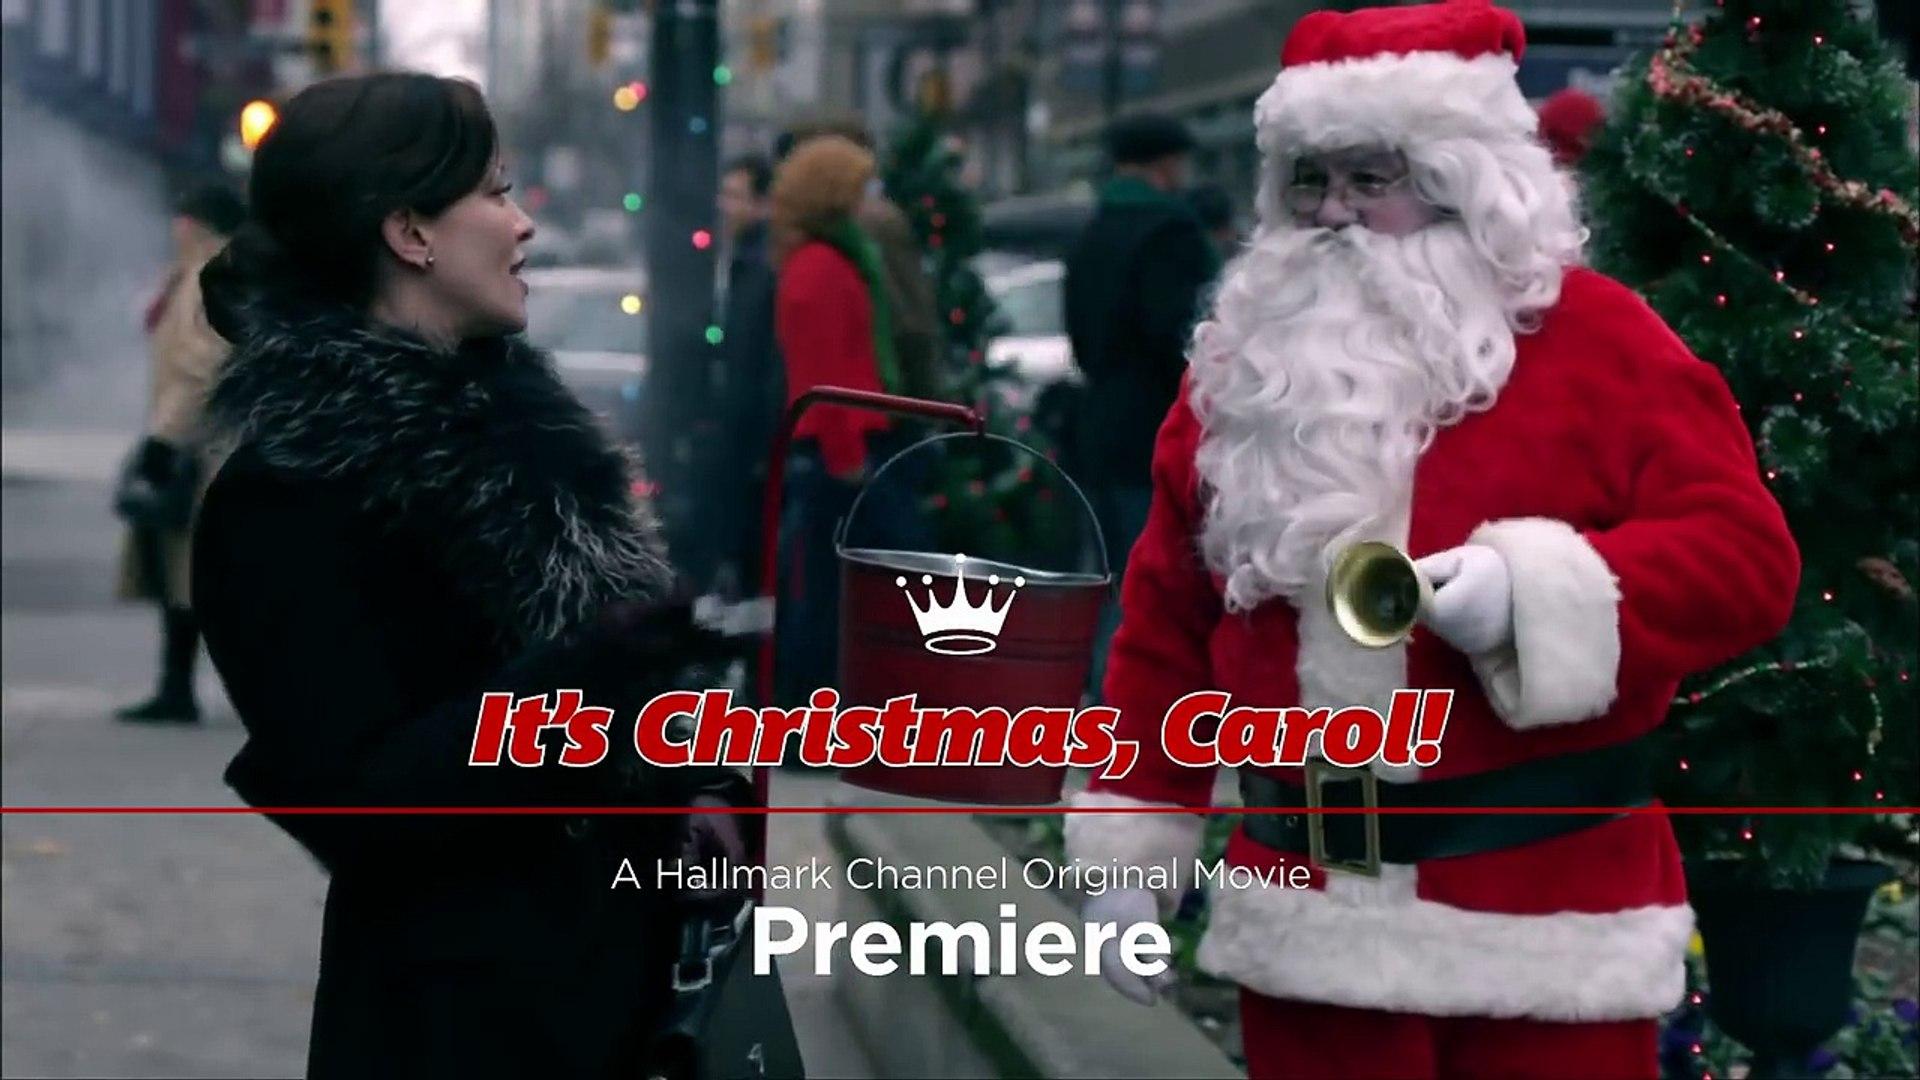 Original Christmas Carol Movie.It S Christmas Carol Trailer